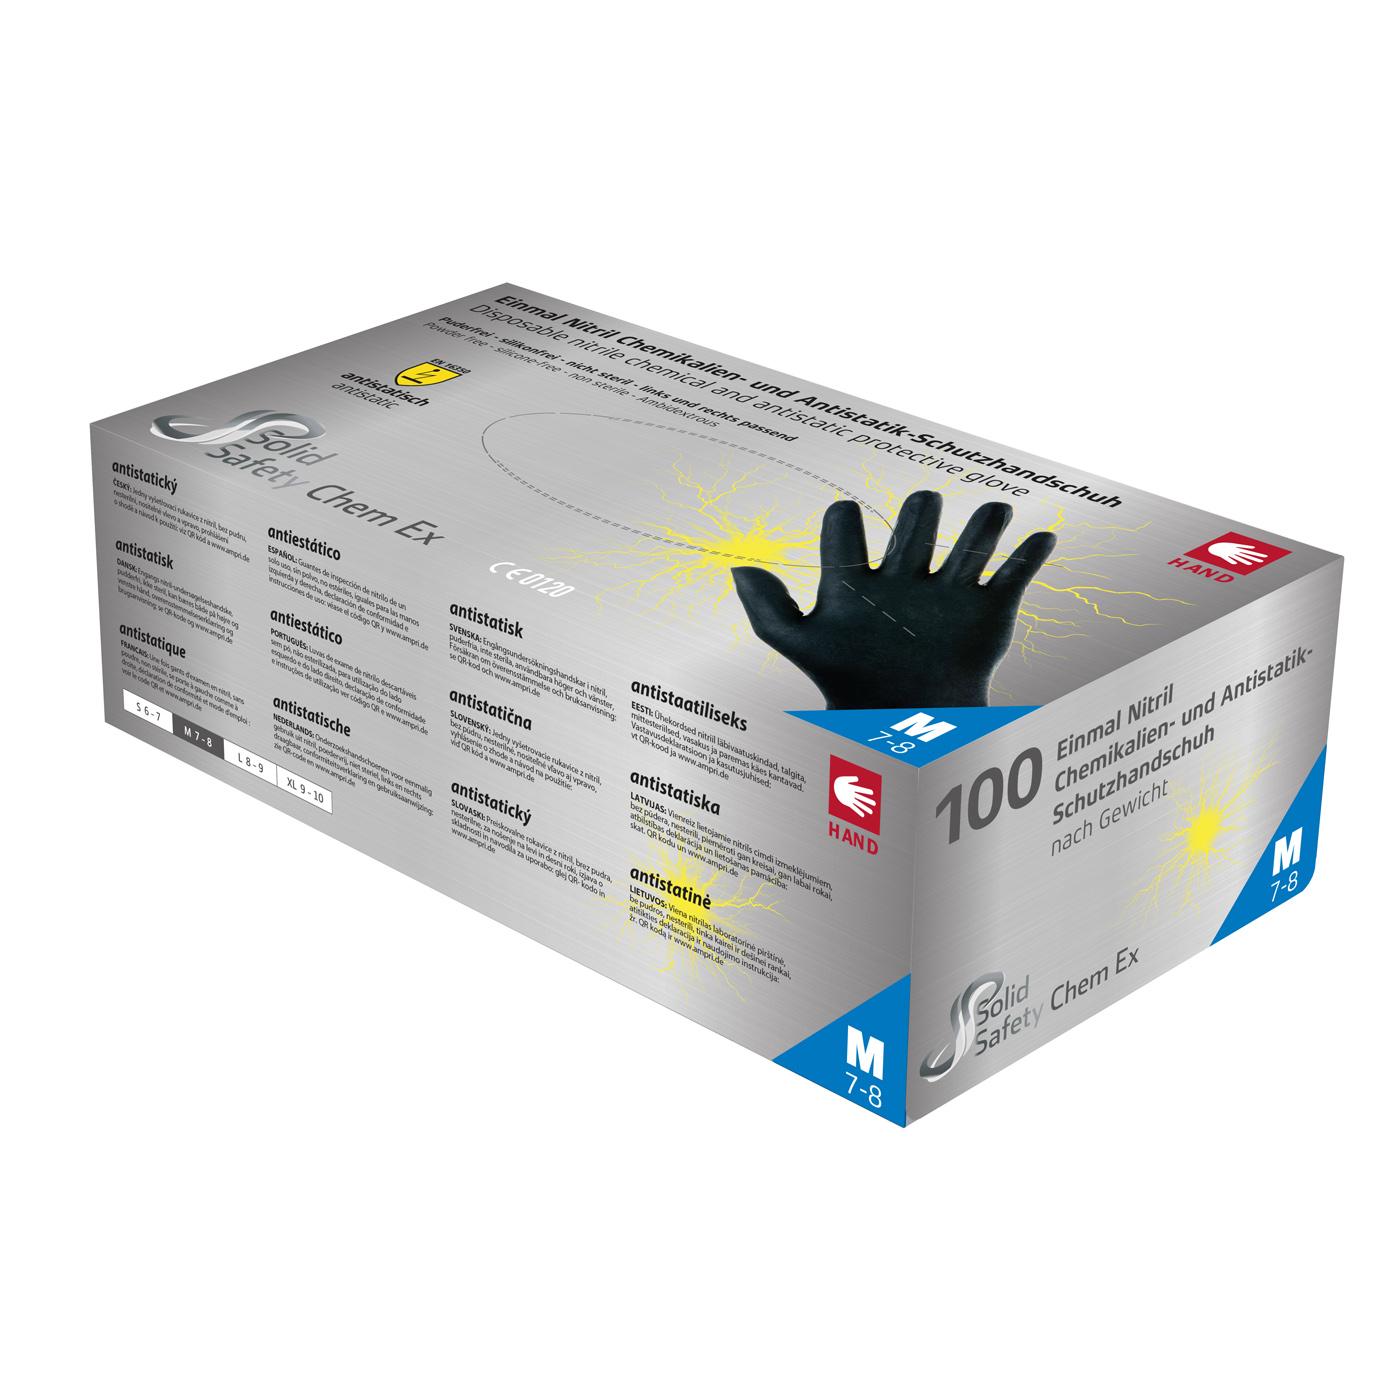 Rękawice jednorazowe Ampri 081304 SolidSafety ChemEx strong